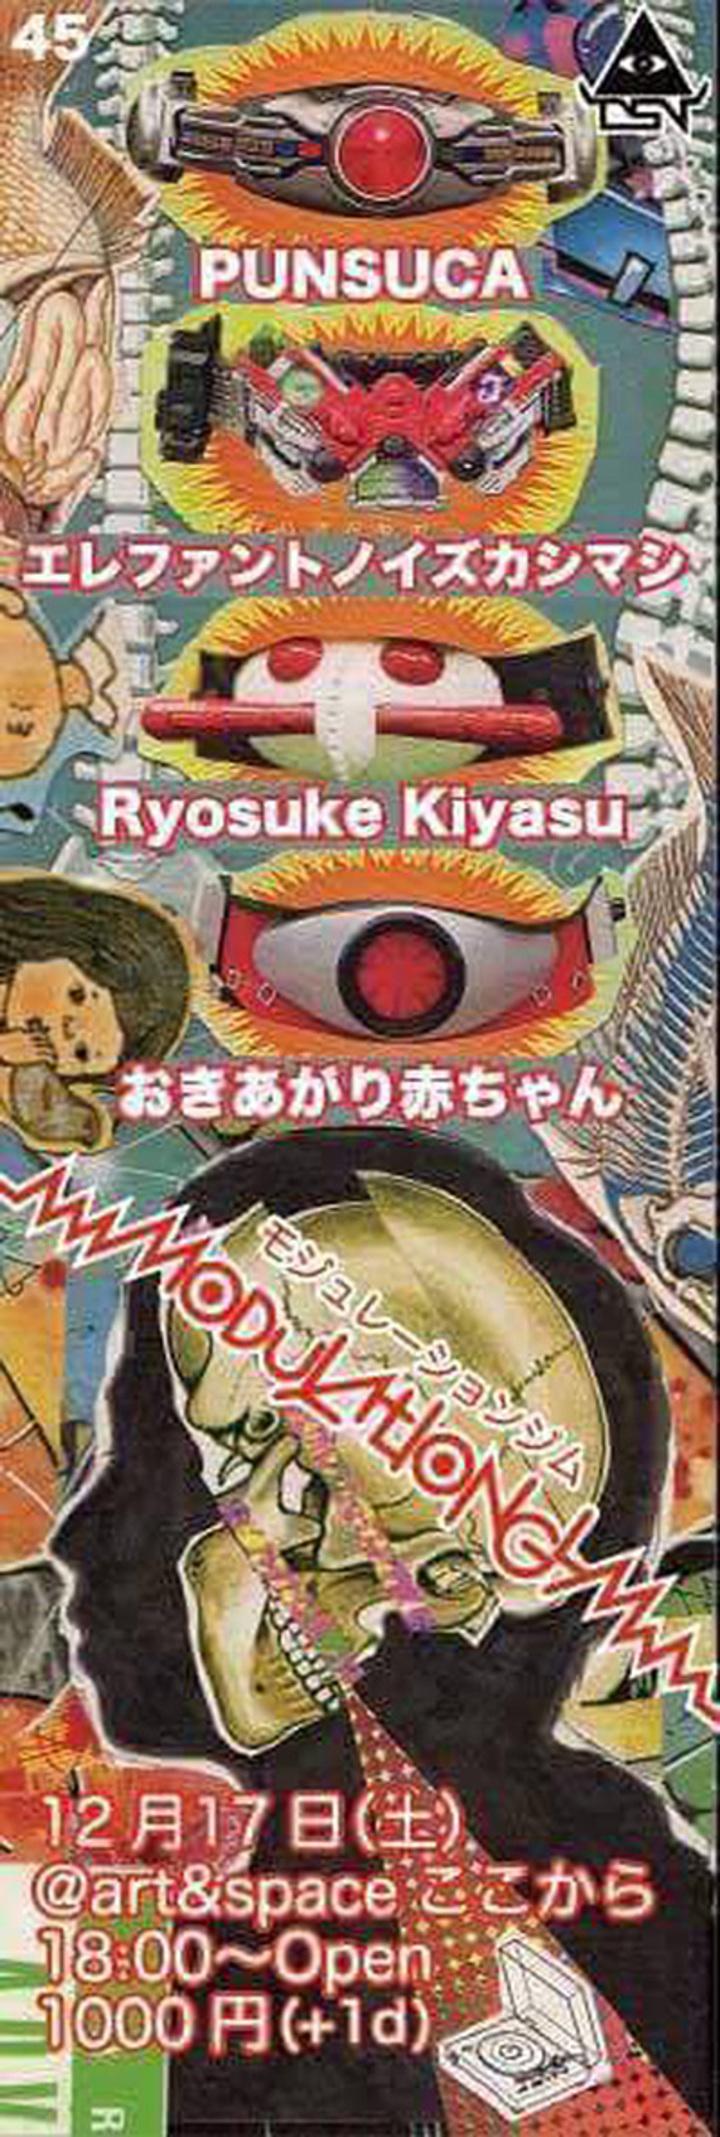 Kiyasu @ art&space kokokara - Tokyo, Japan